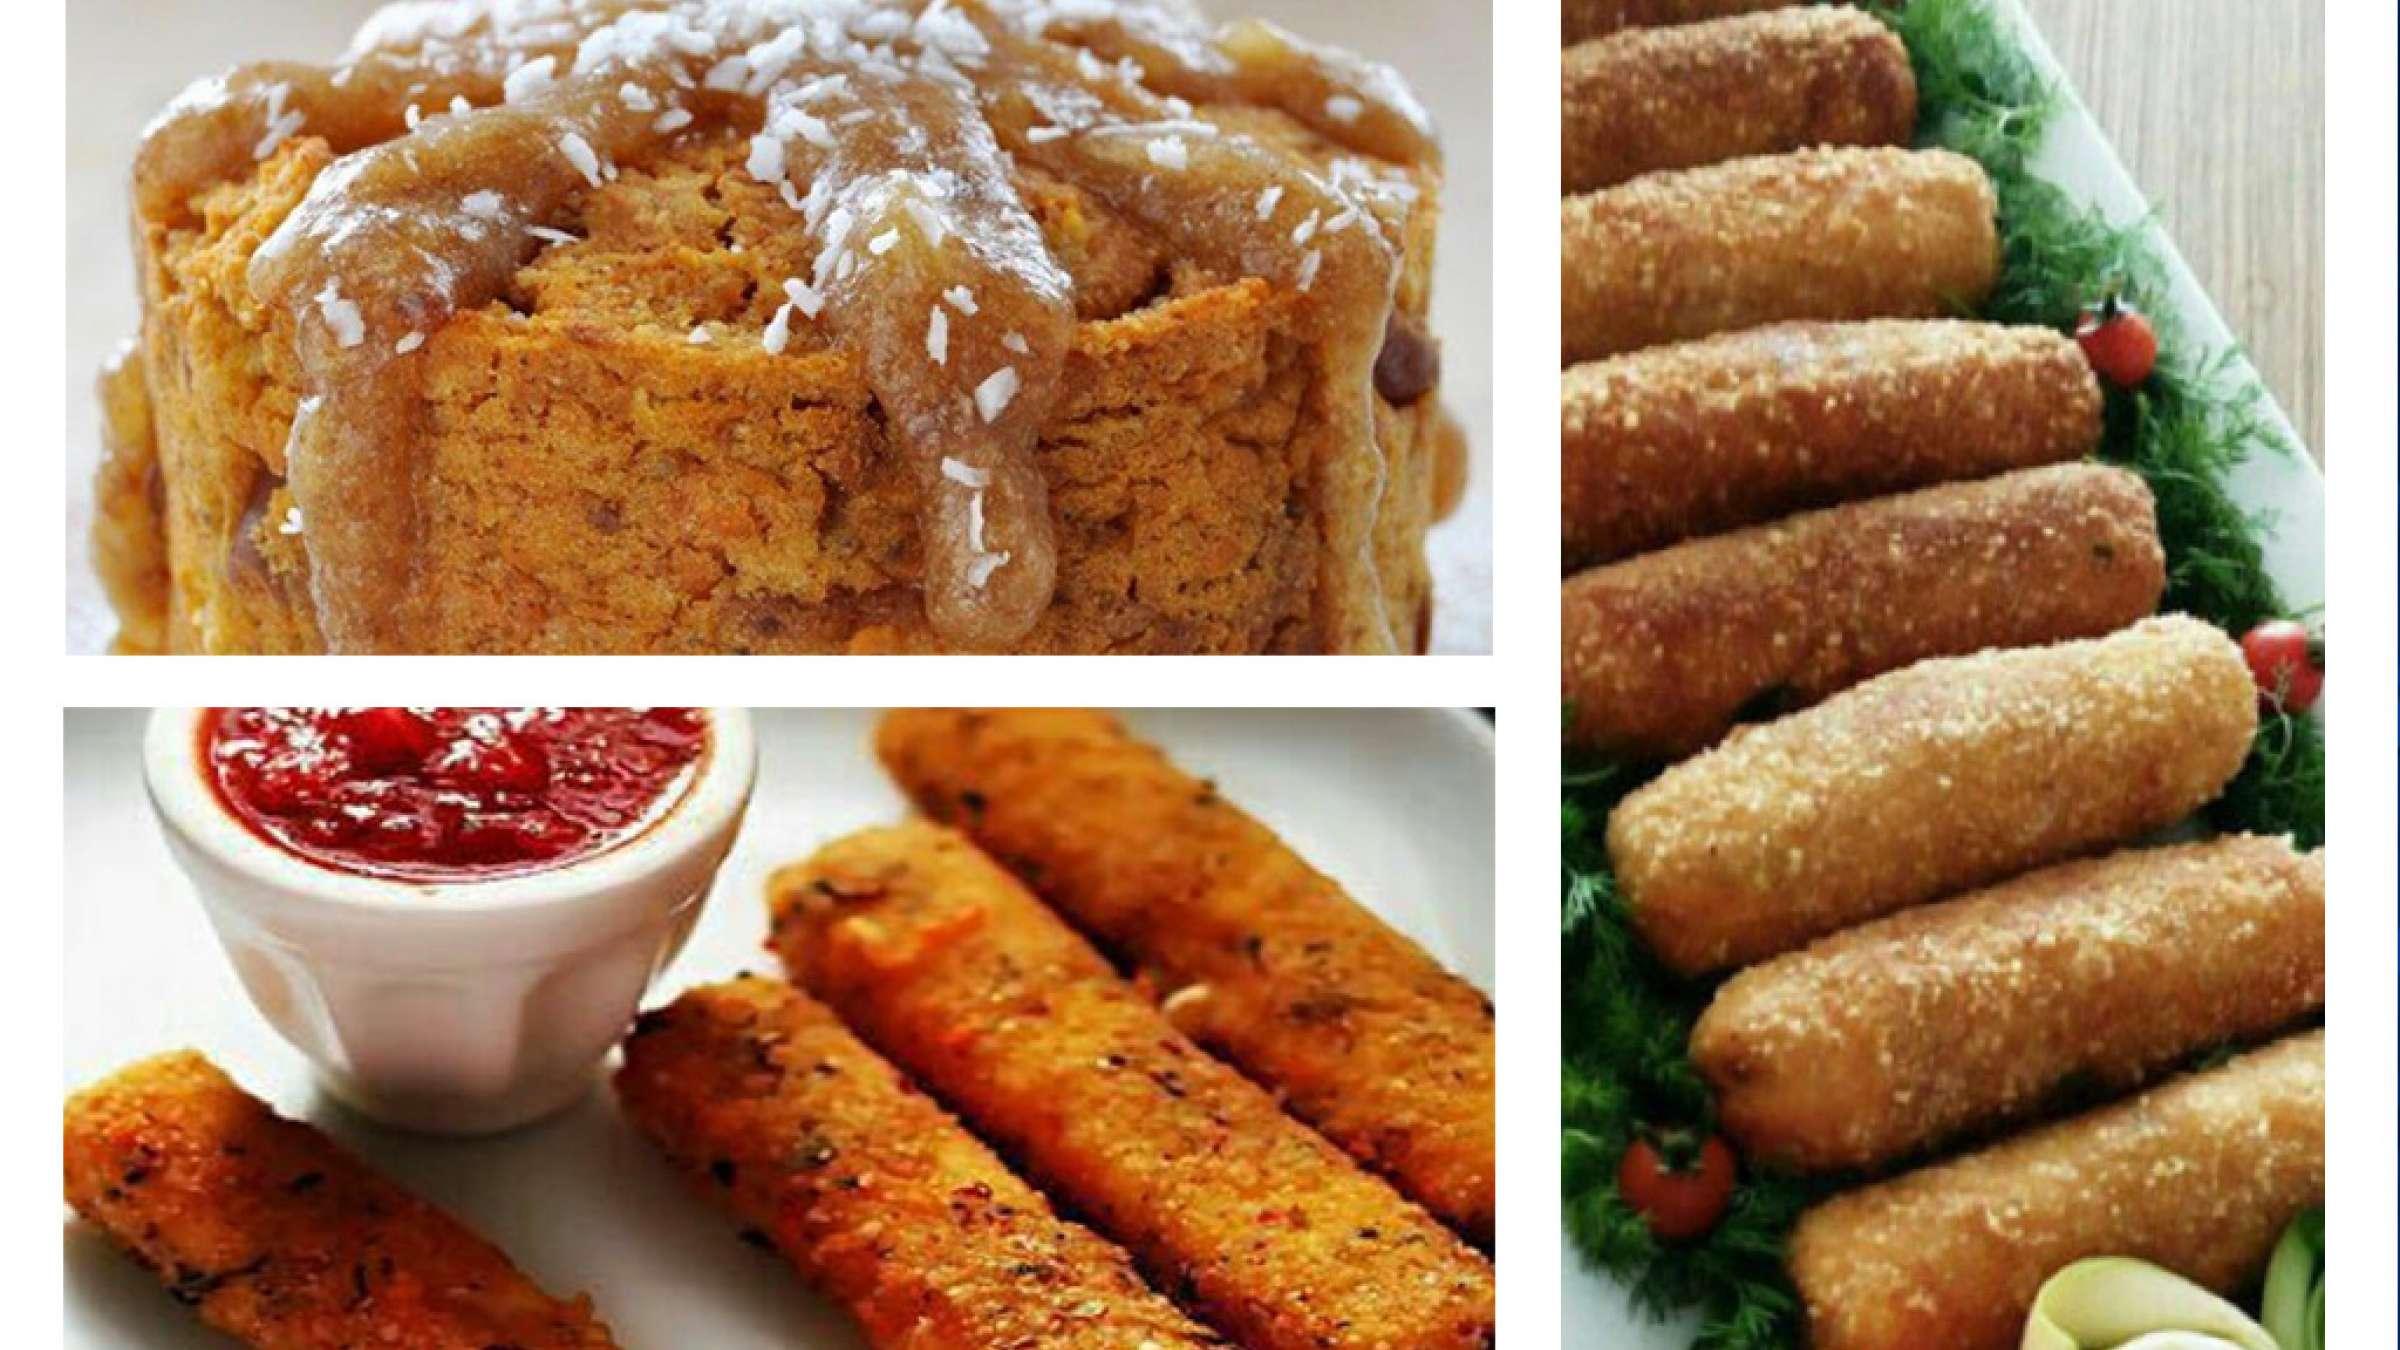 آشپزی-ترابی-پودینگ-سیب-زمینی-فیکن-مرغ-پنیر-كريسپی